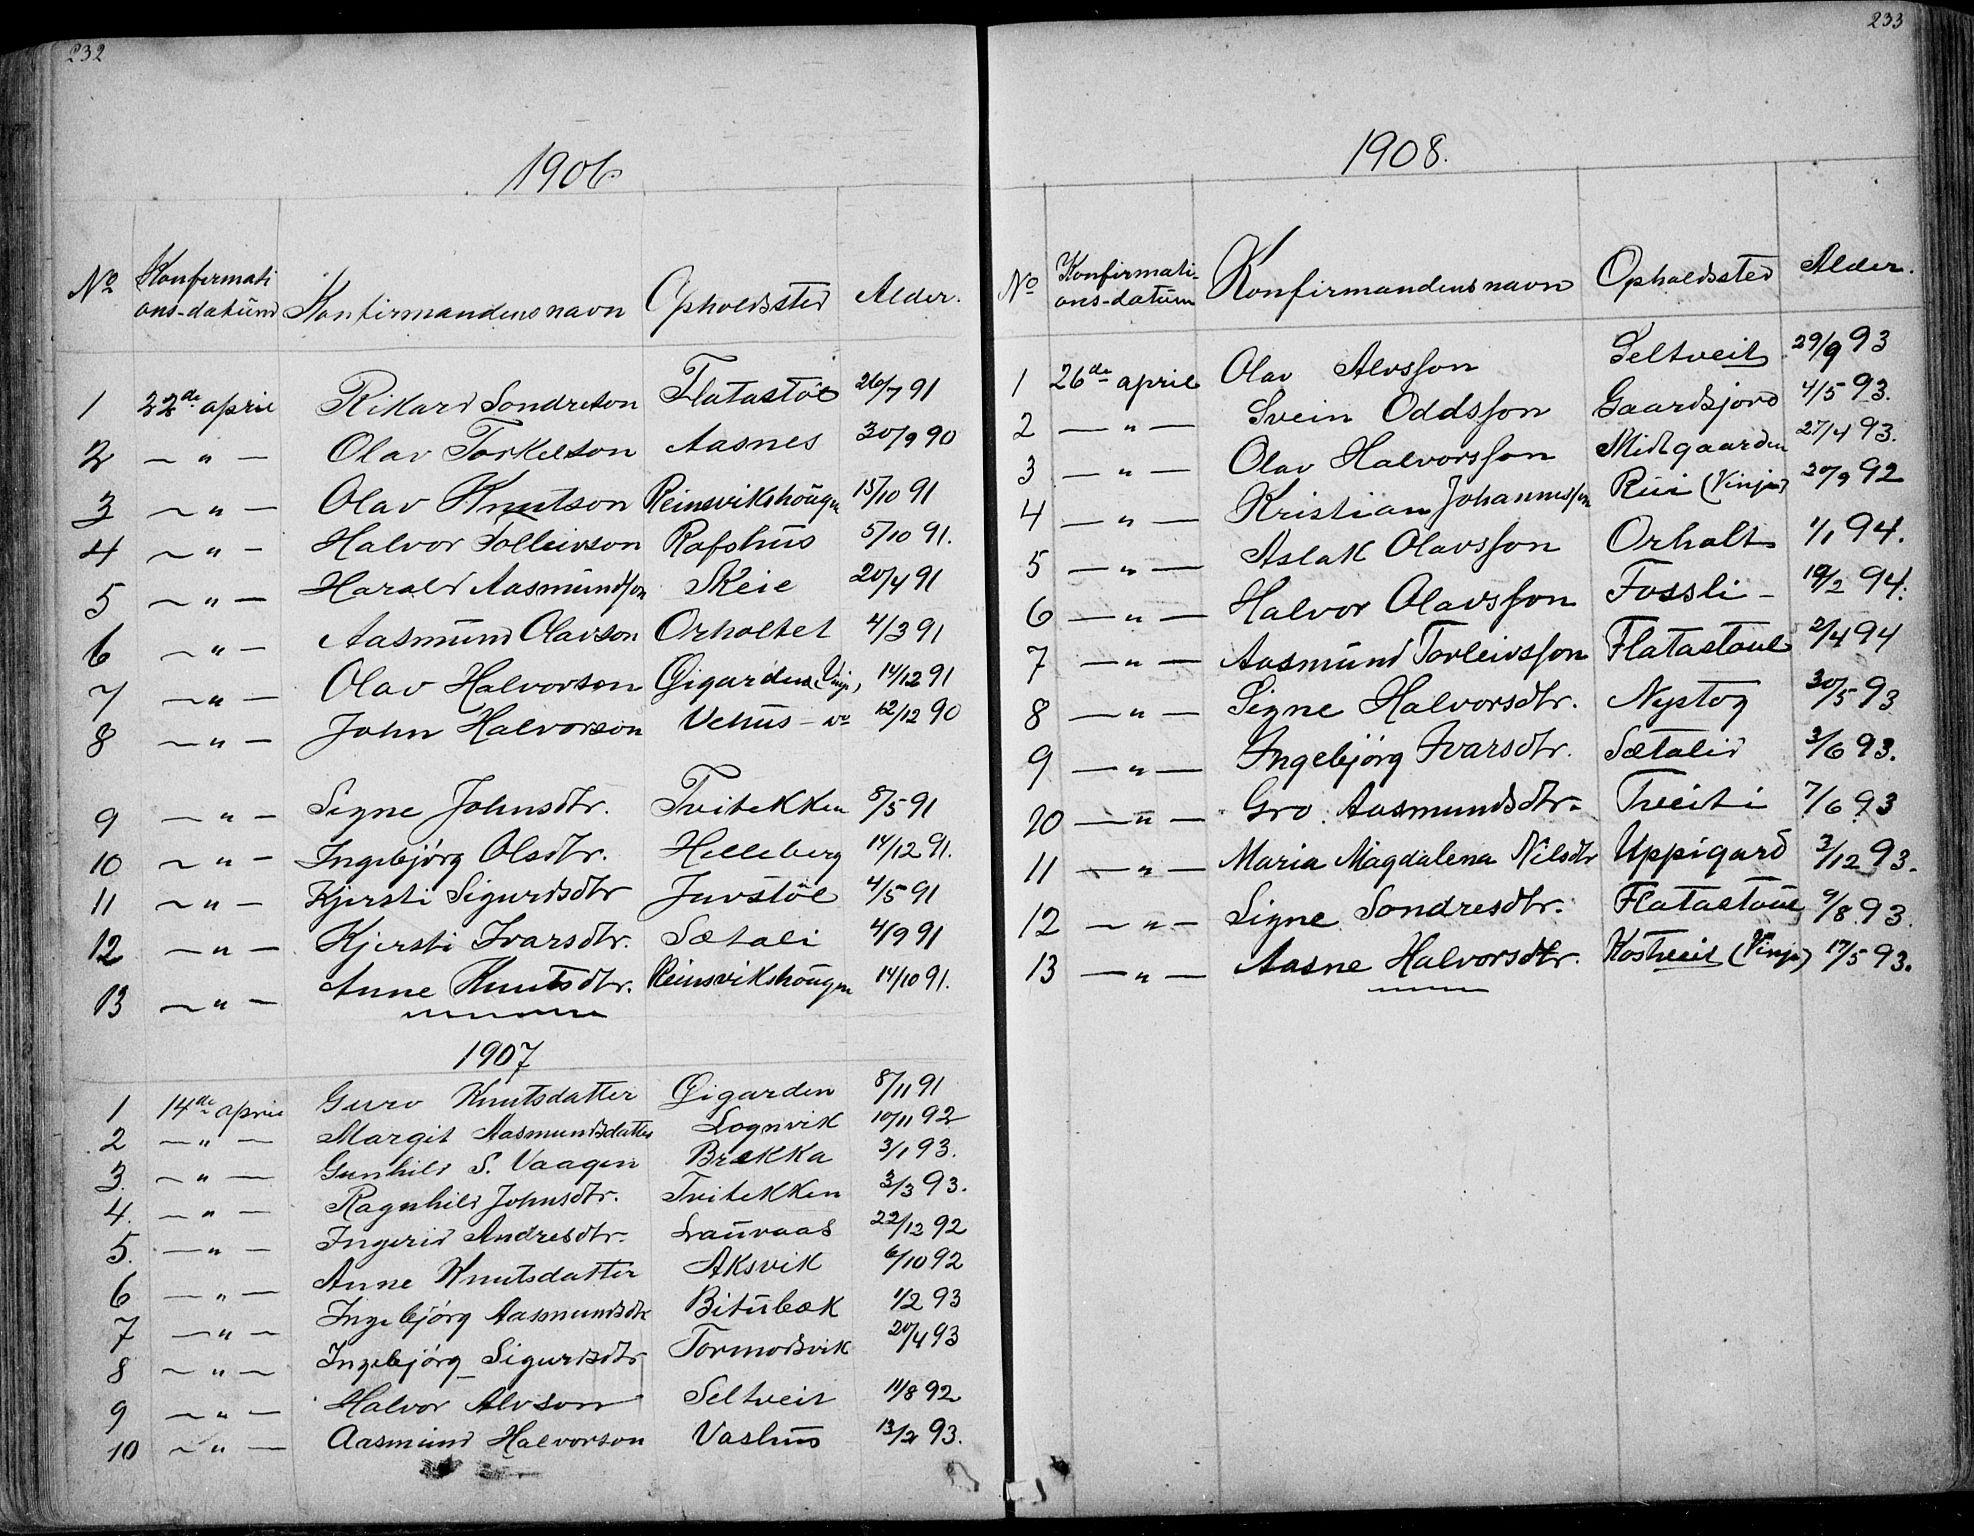 SAKO, Rauland kirkebøker, G/Ga/L0002: Klokkerbok nr. I 2, 1849-1935, s. 232-233